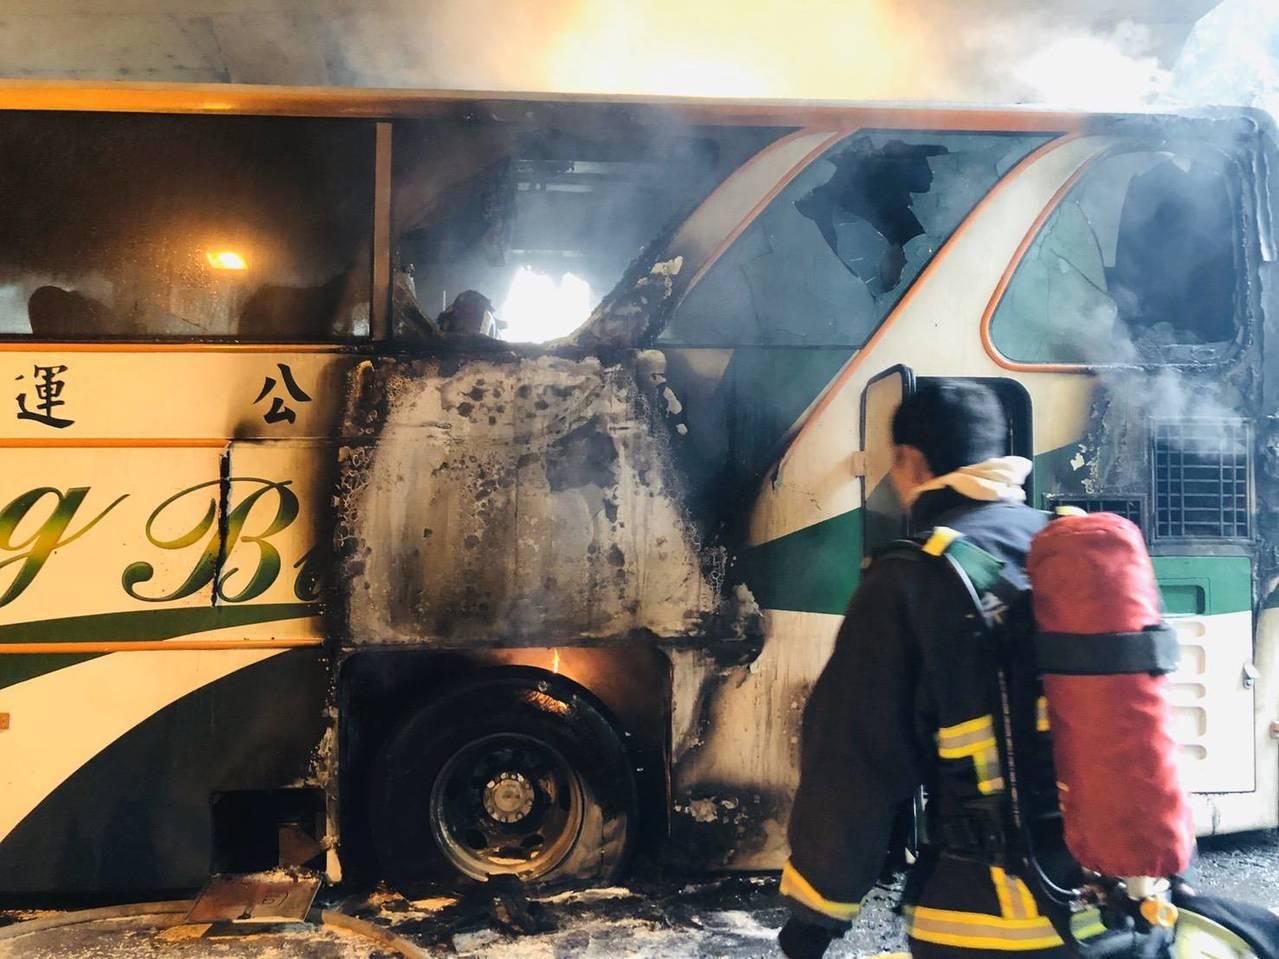 嘉義縣台18線阿里山公路觸口隧道內,有輛下山遊覽車起火燃燒,車上乘客含司機共41...